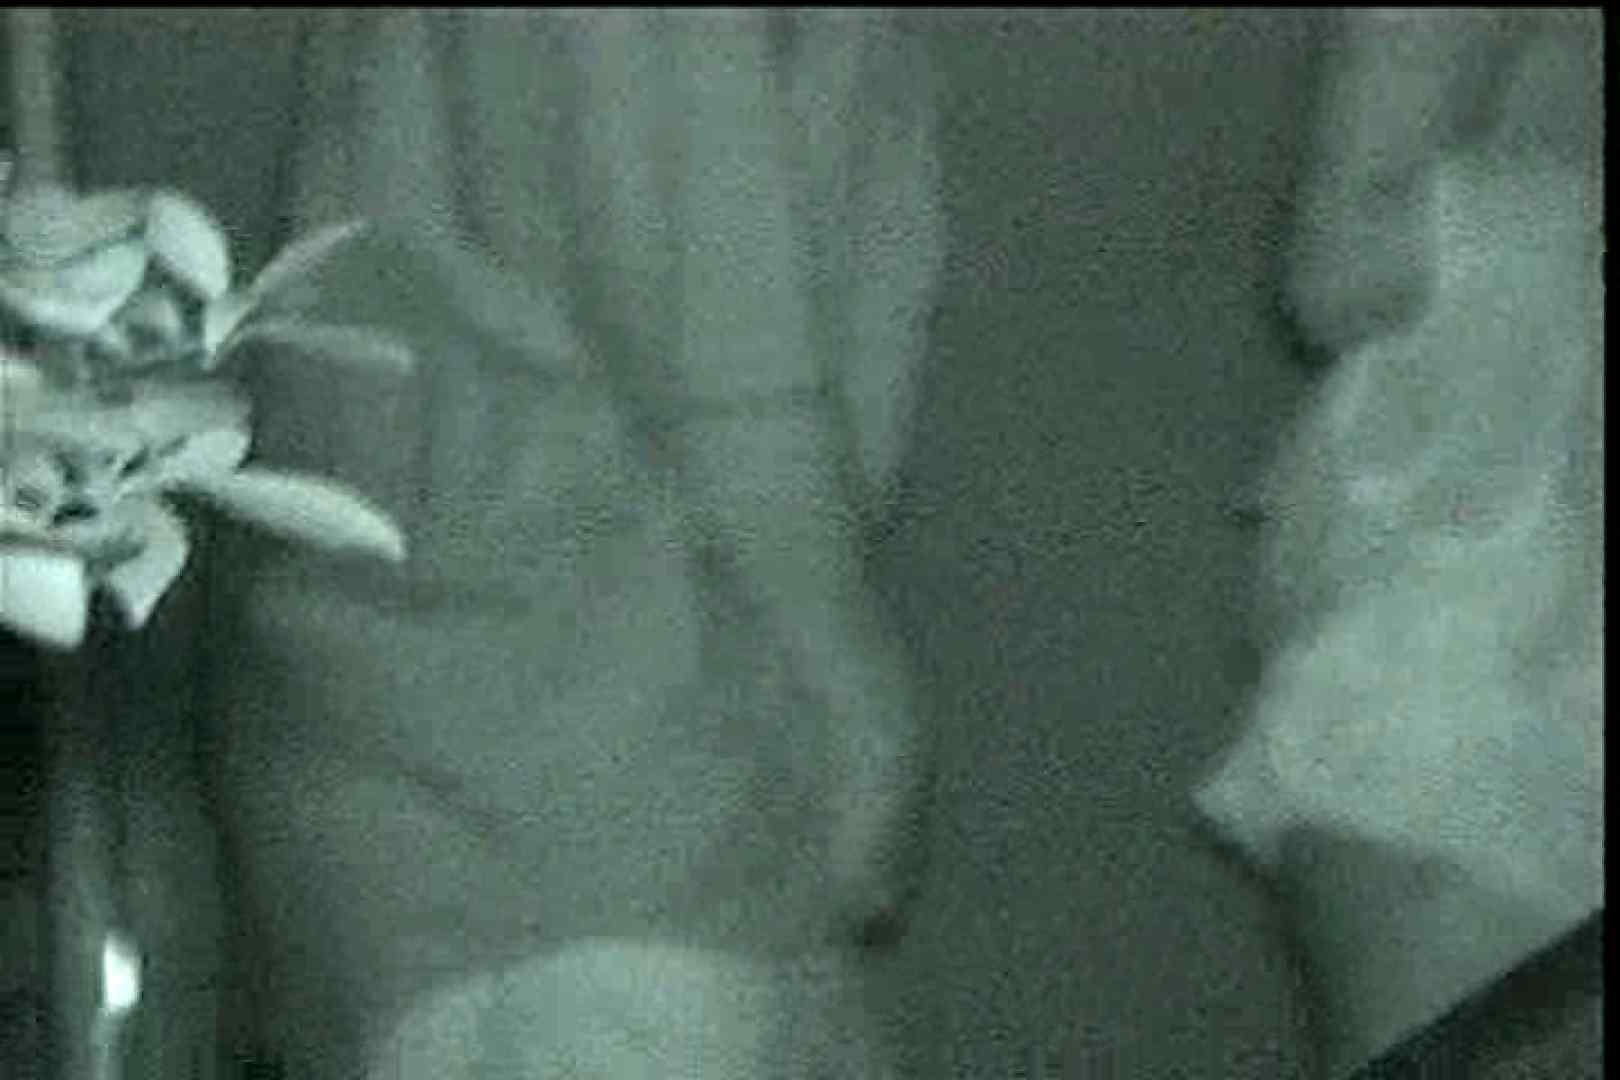 闇の仕掛け人 無修正版 Vol.18 盗撮特集 のぞき動画キャプチャ 60画像 38